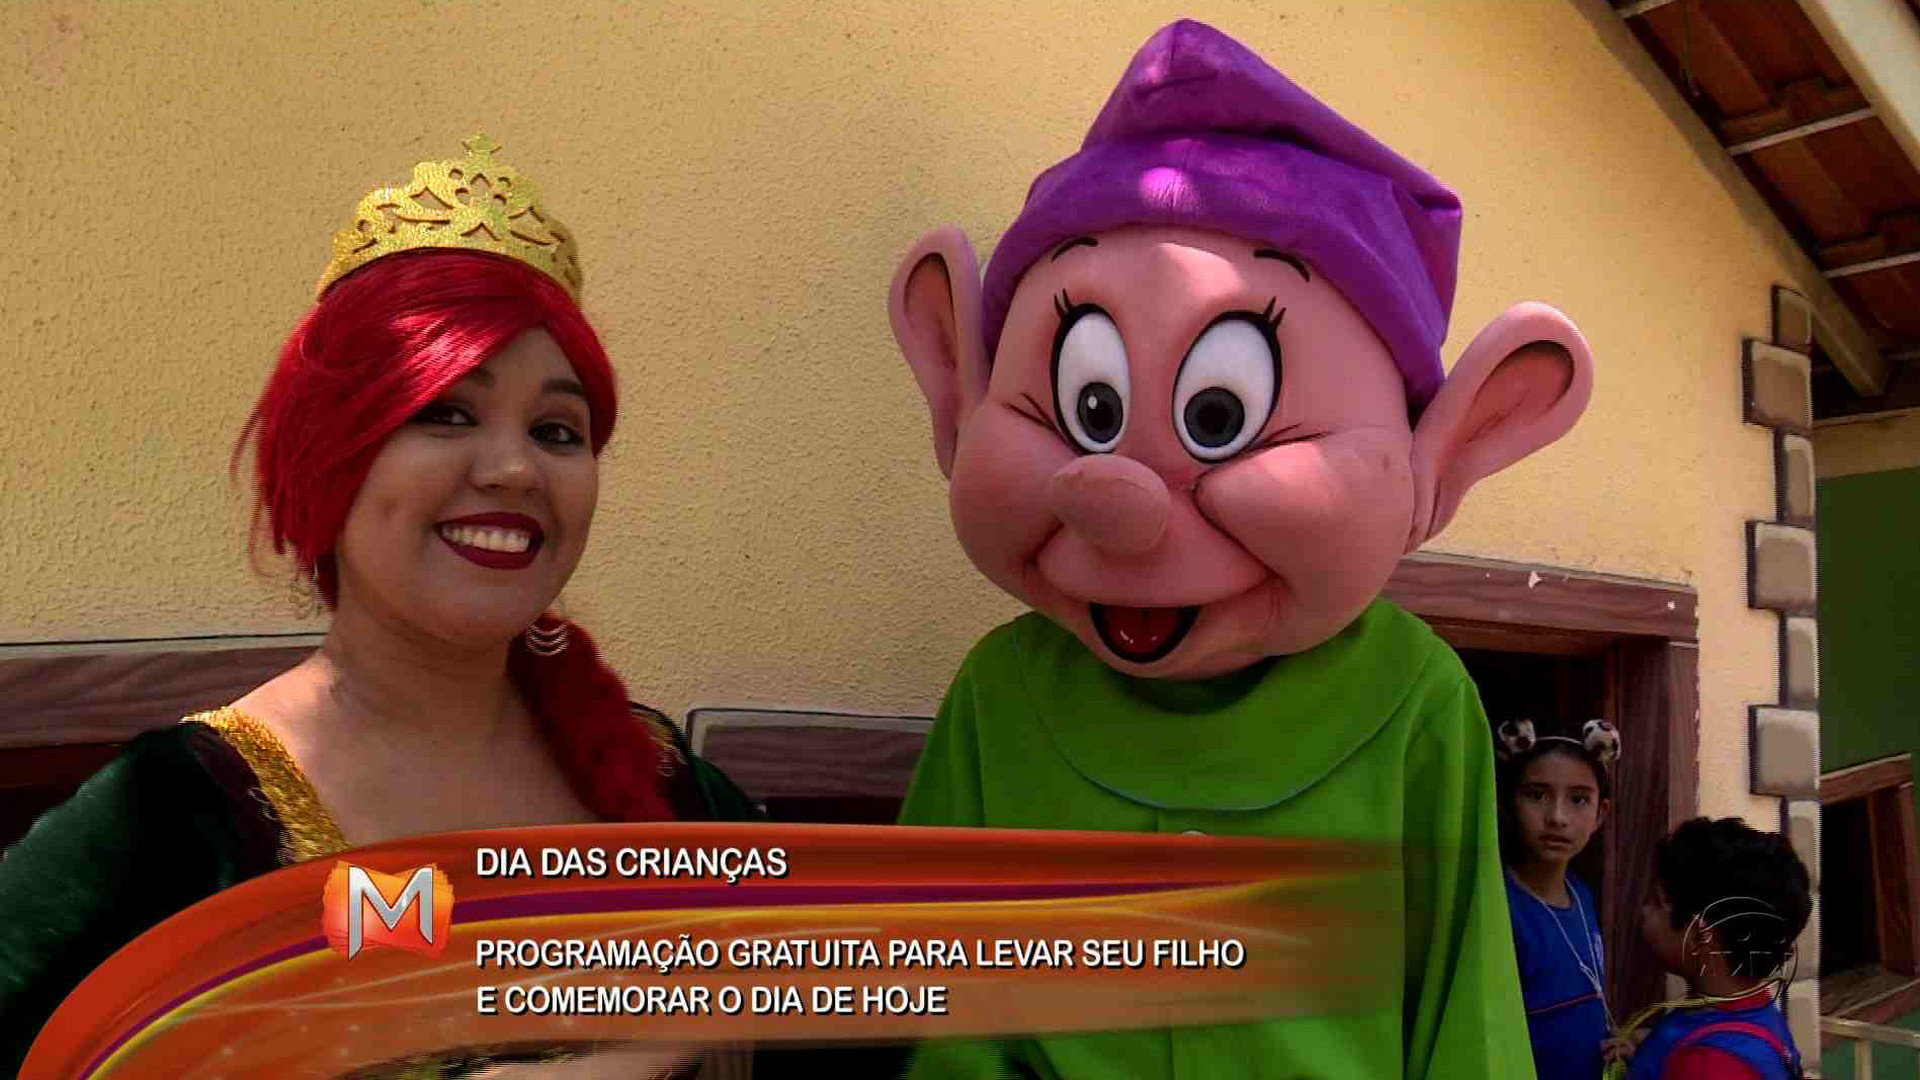 CONFIRA DICAS DE ATIVIDADES GRATUITAS PARA COMEMORAR O DIA DAS CRIANÇAS - Magazine 12/10/17